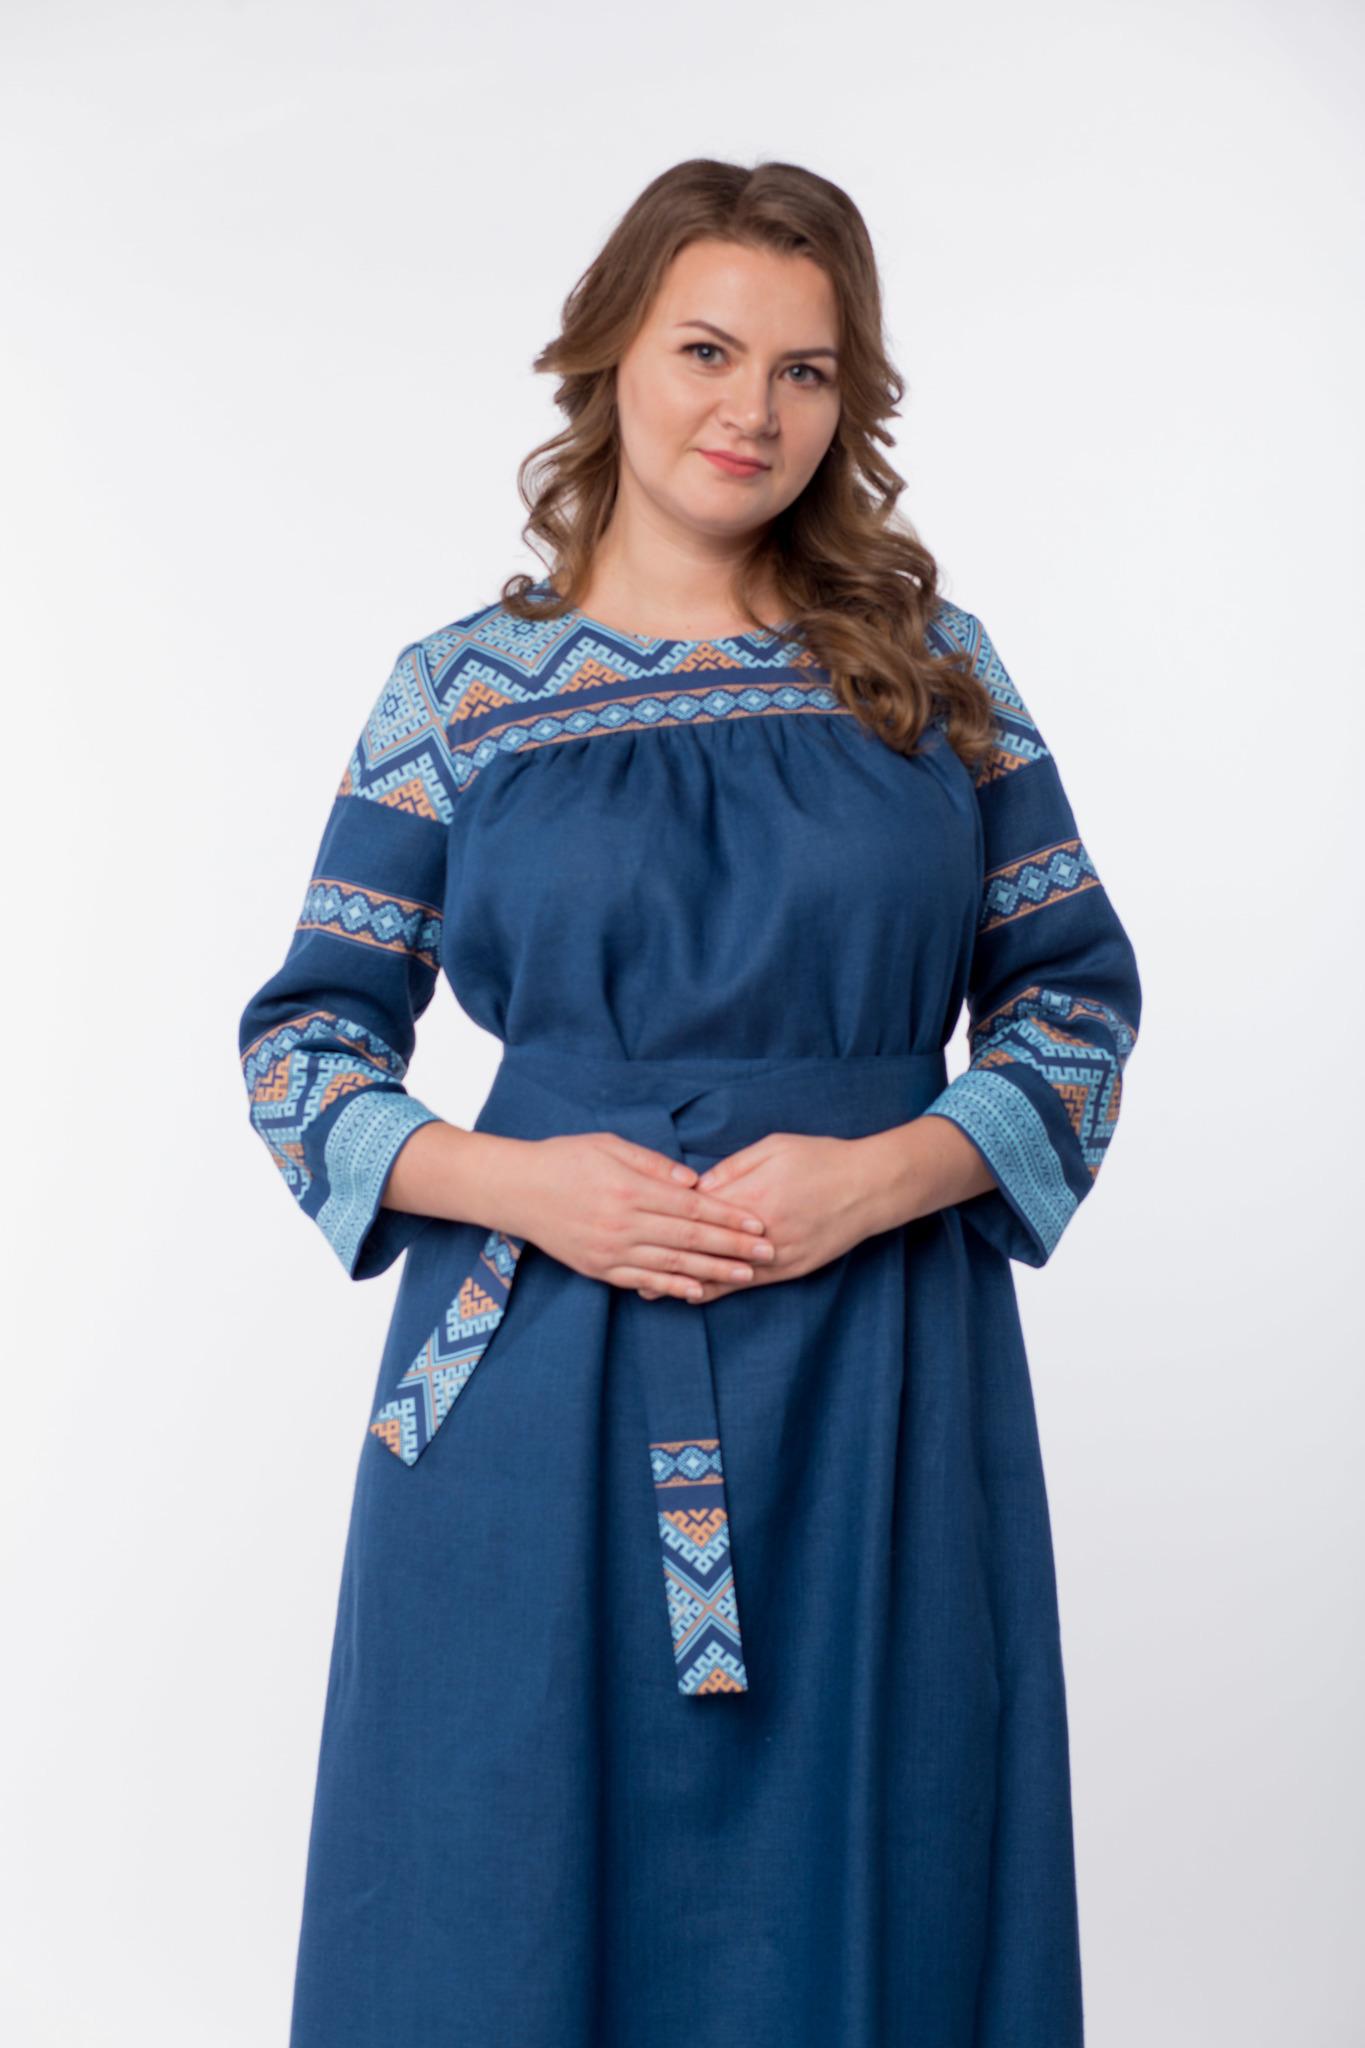 Платье льняное Каспийское от Иванки